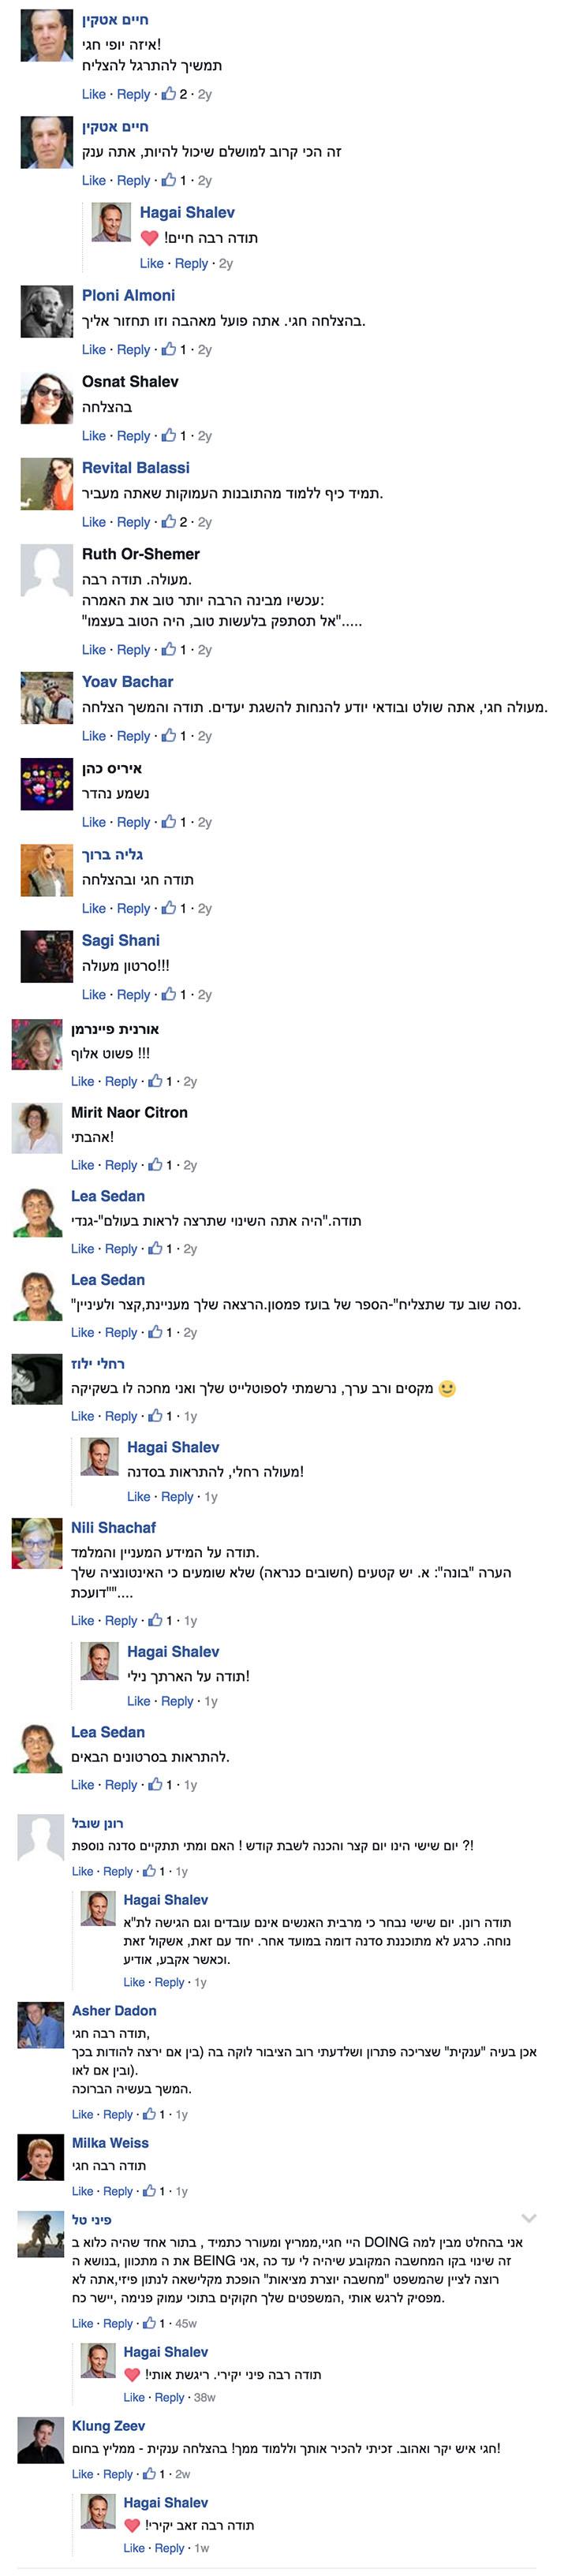 תגובות-פייסבוק-סרטונים